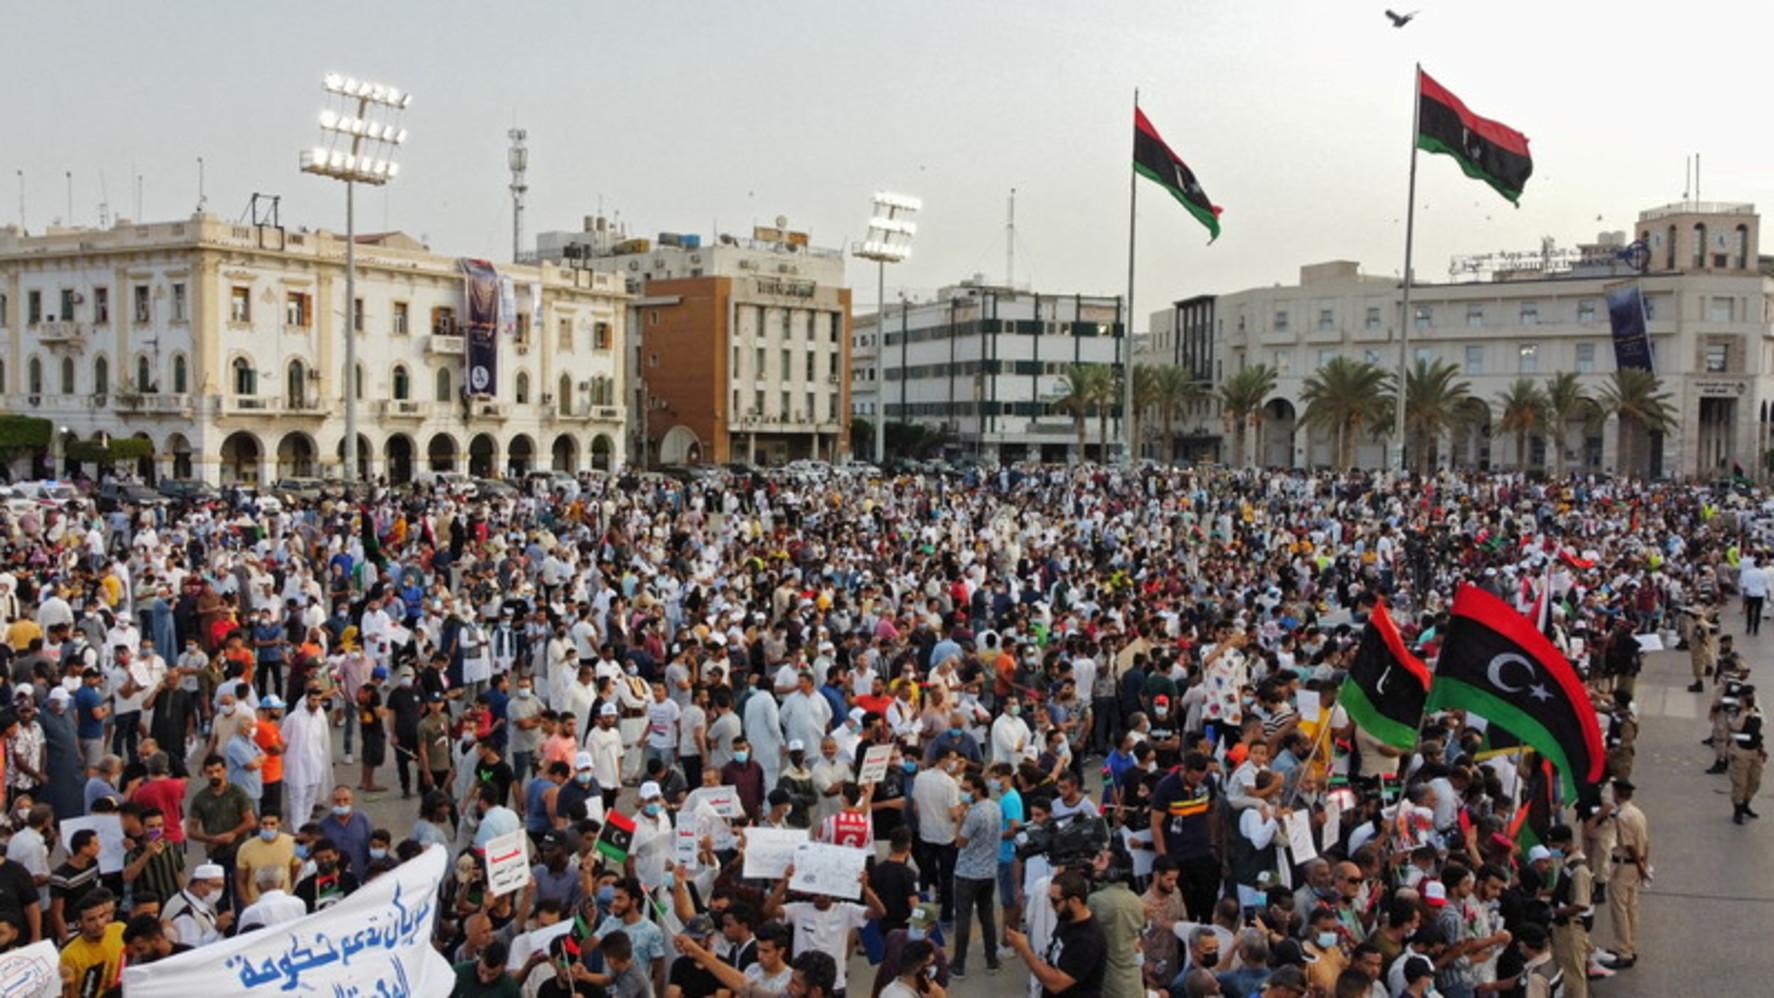 Libia, migliaia in piazza a Tripoli per sostenere il governo